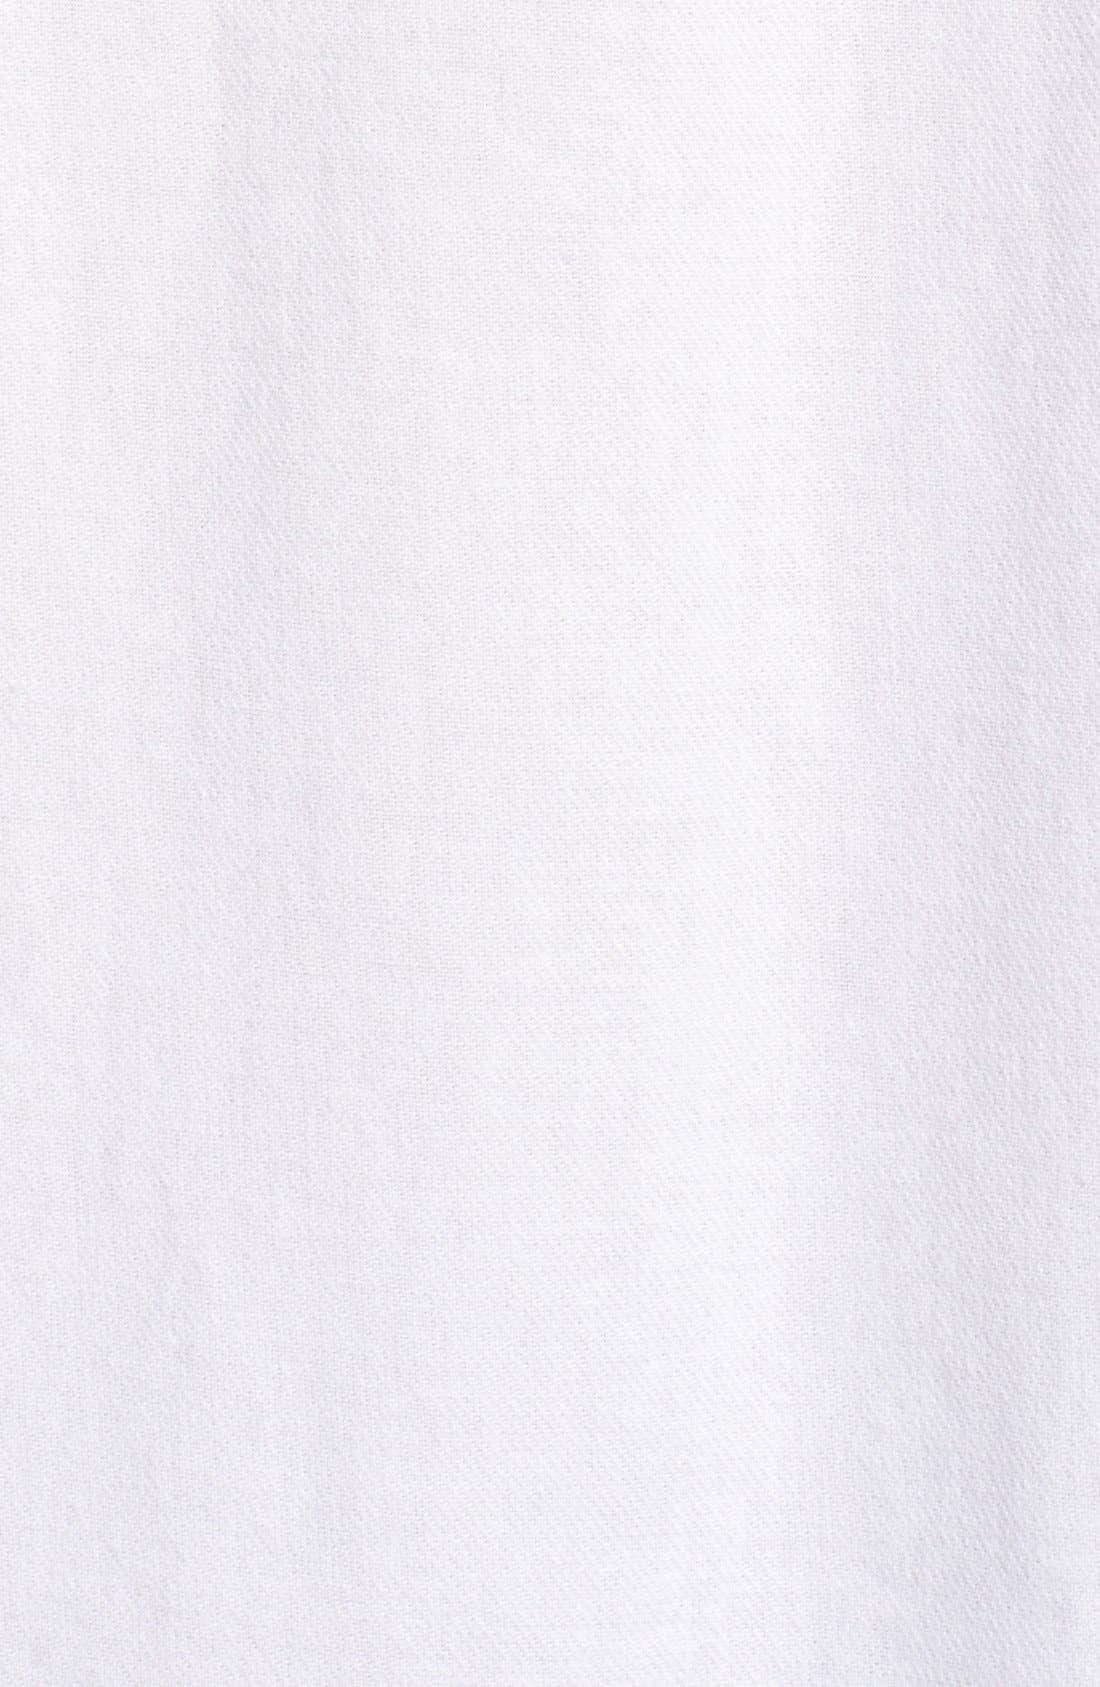 Cotton Courier Shirt,                             Alternate thumbnail 10, color,                             PURE WHITE